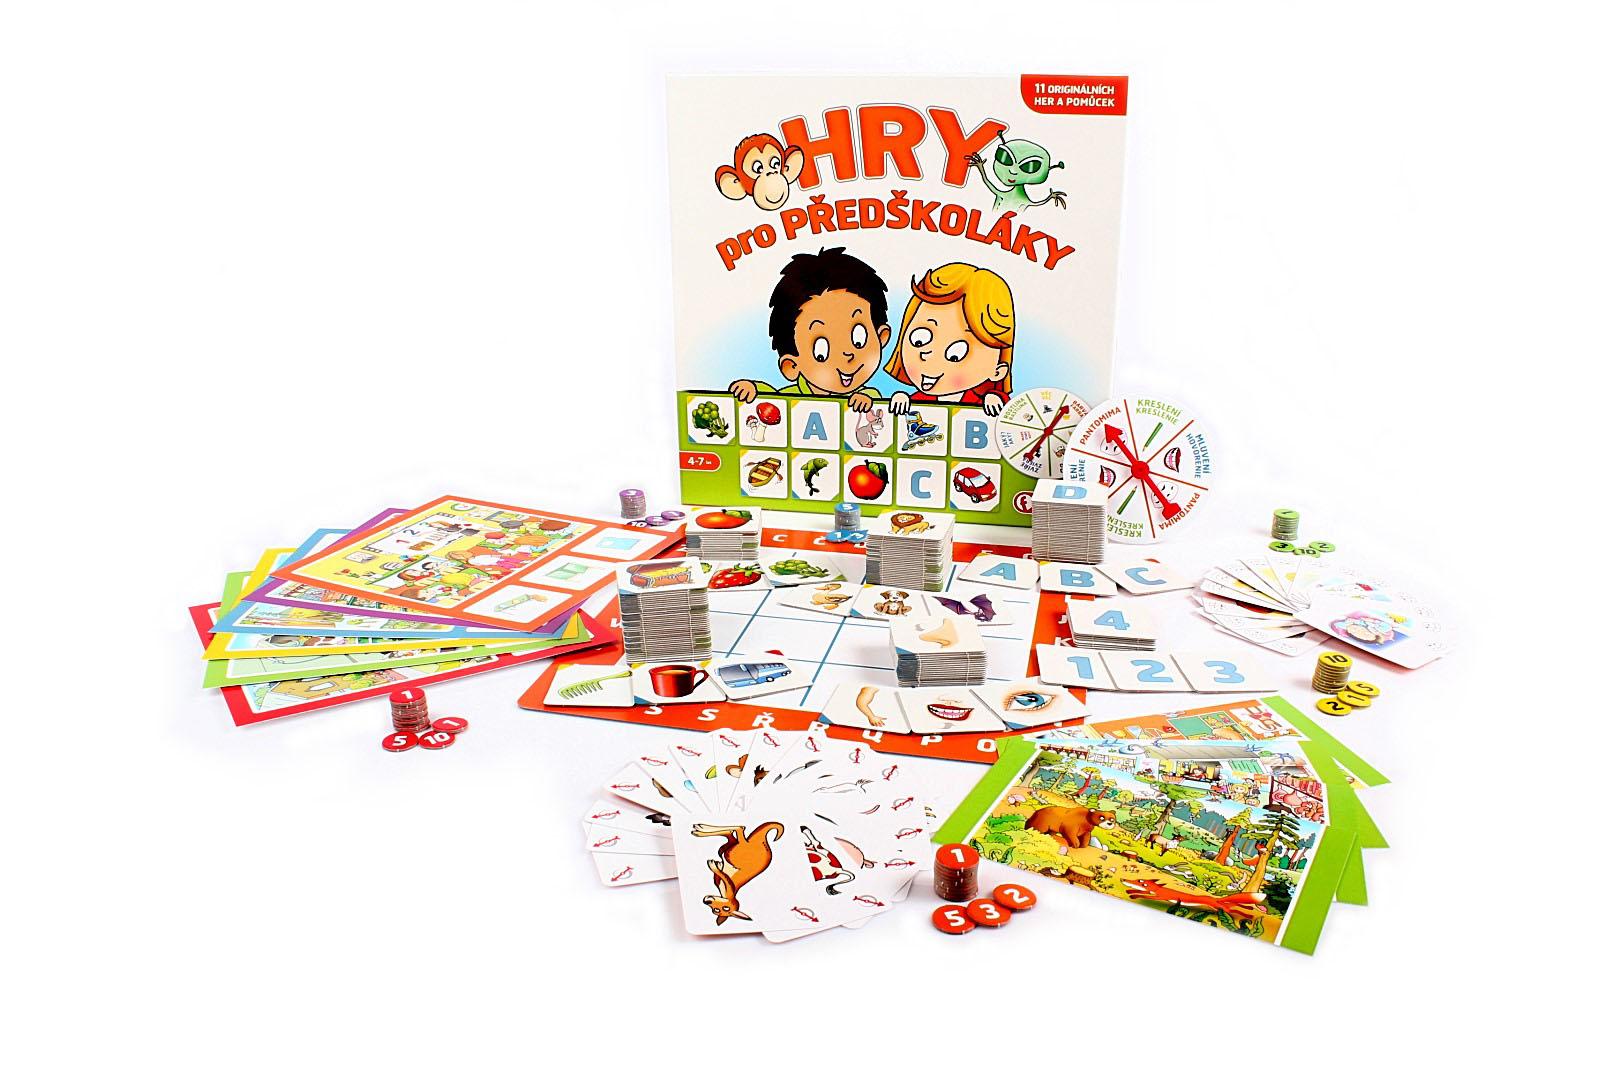 Hra pro předškoláky